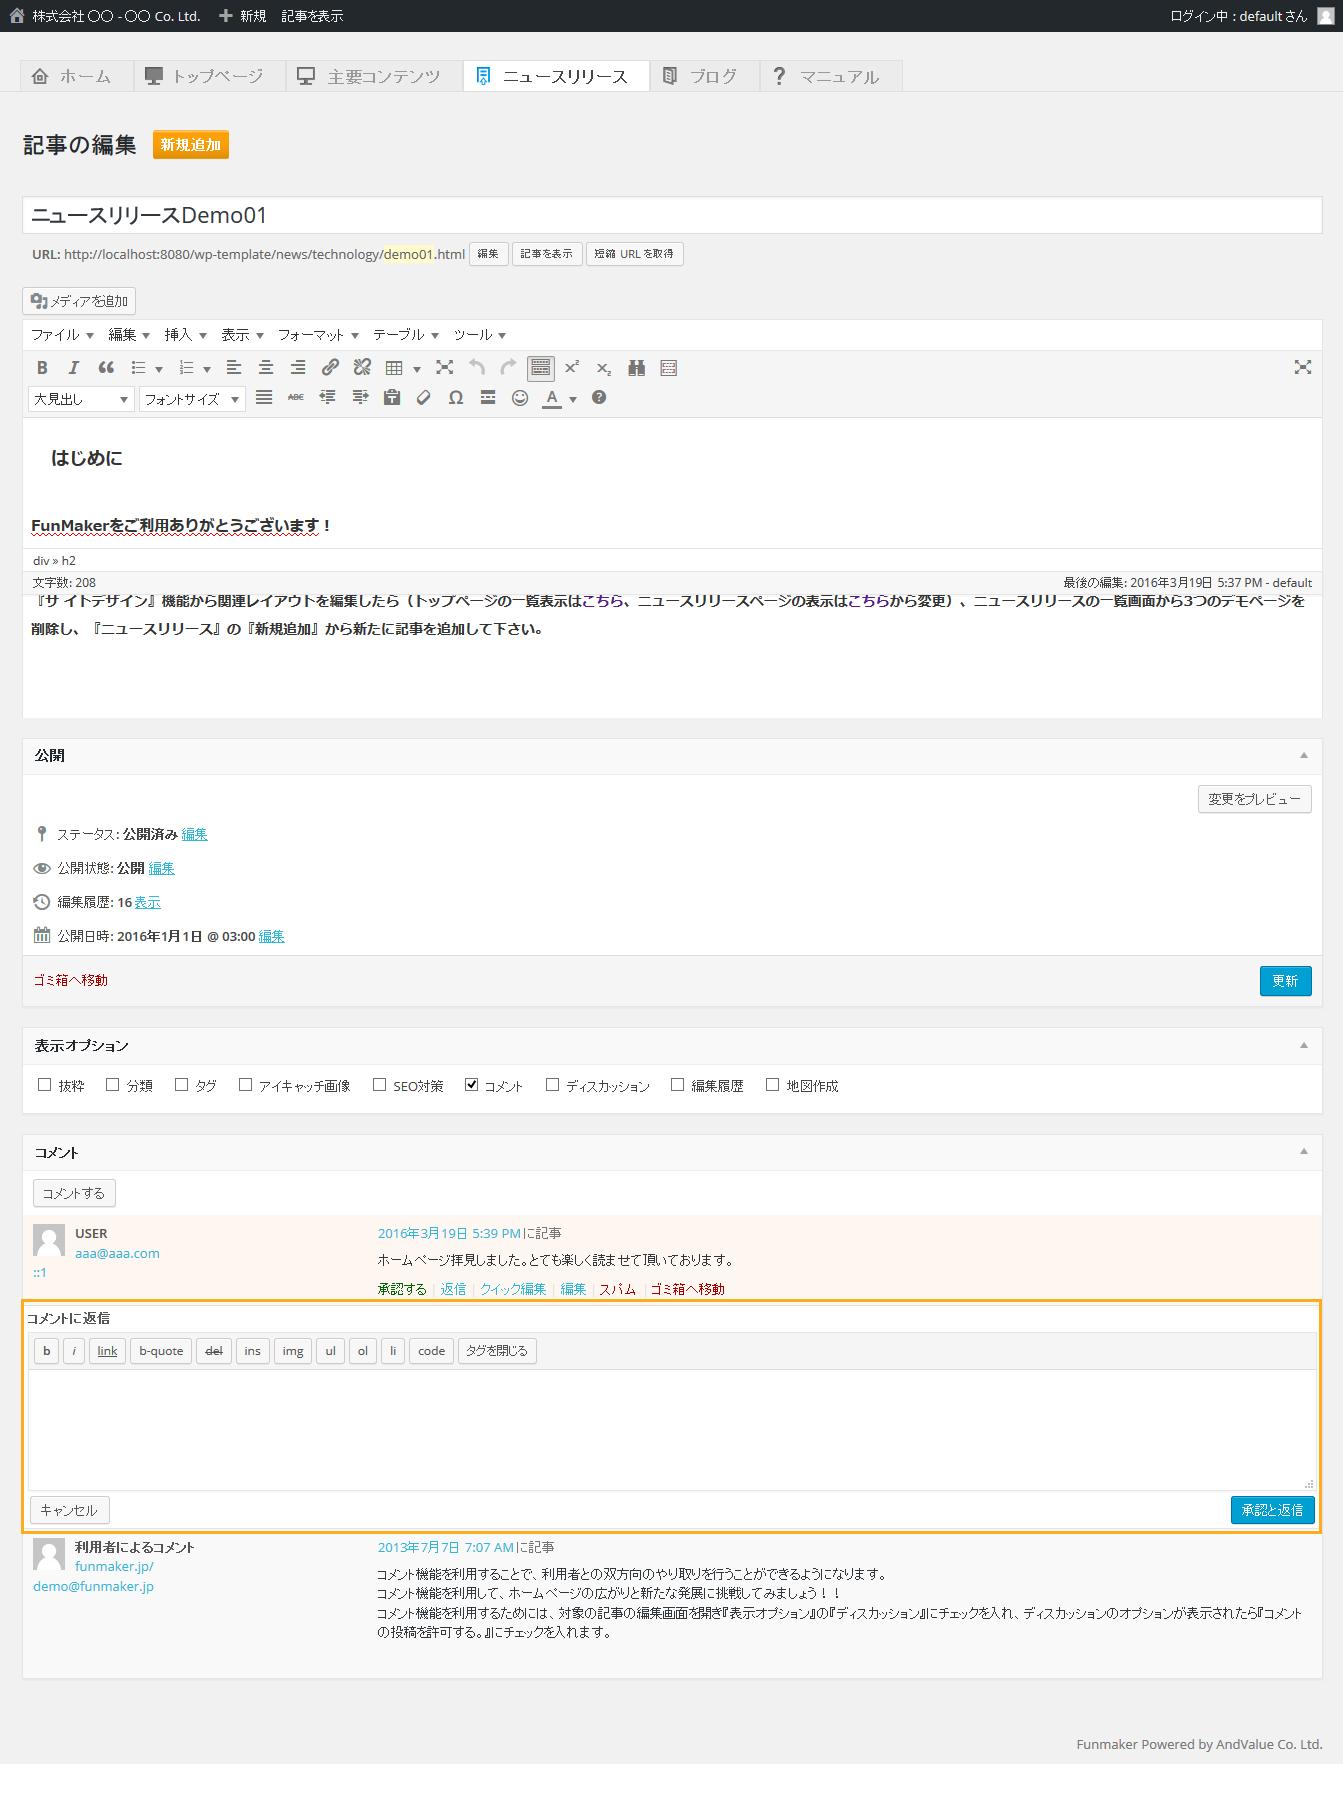 コメントの利用 返信- 簡単格安ホームページ作成会社 -FunMaker